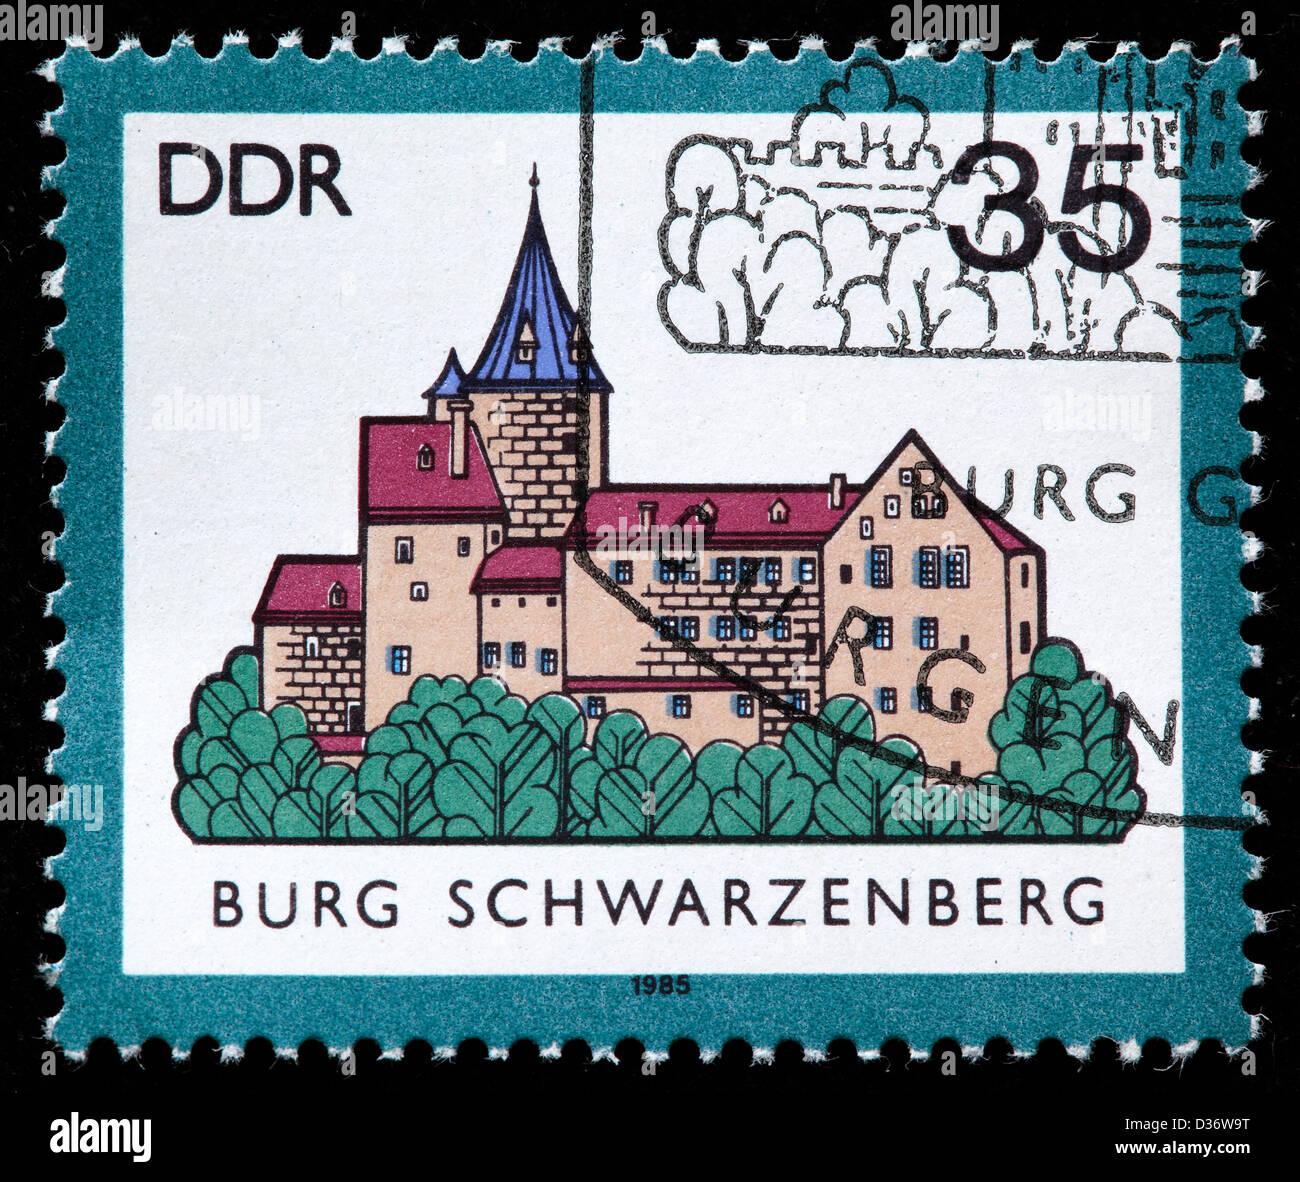 Schwarzenberg, Saxony, postage stamp, Germany, 1985 Stock Photo